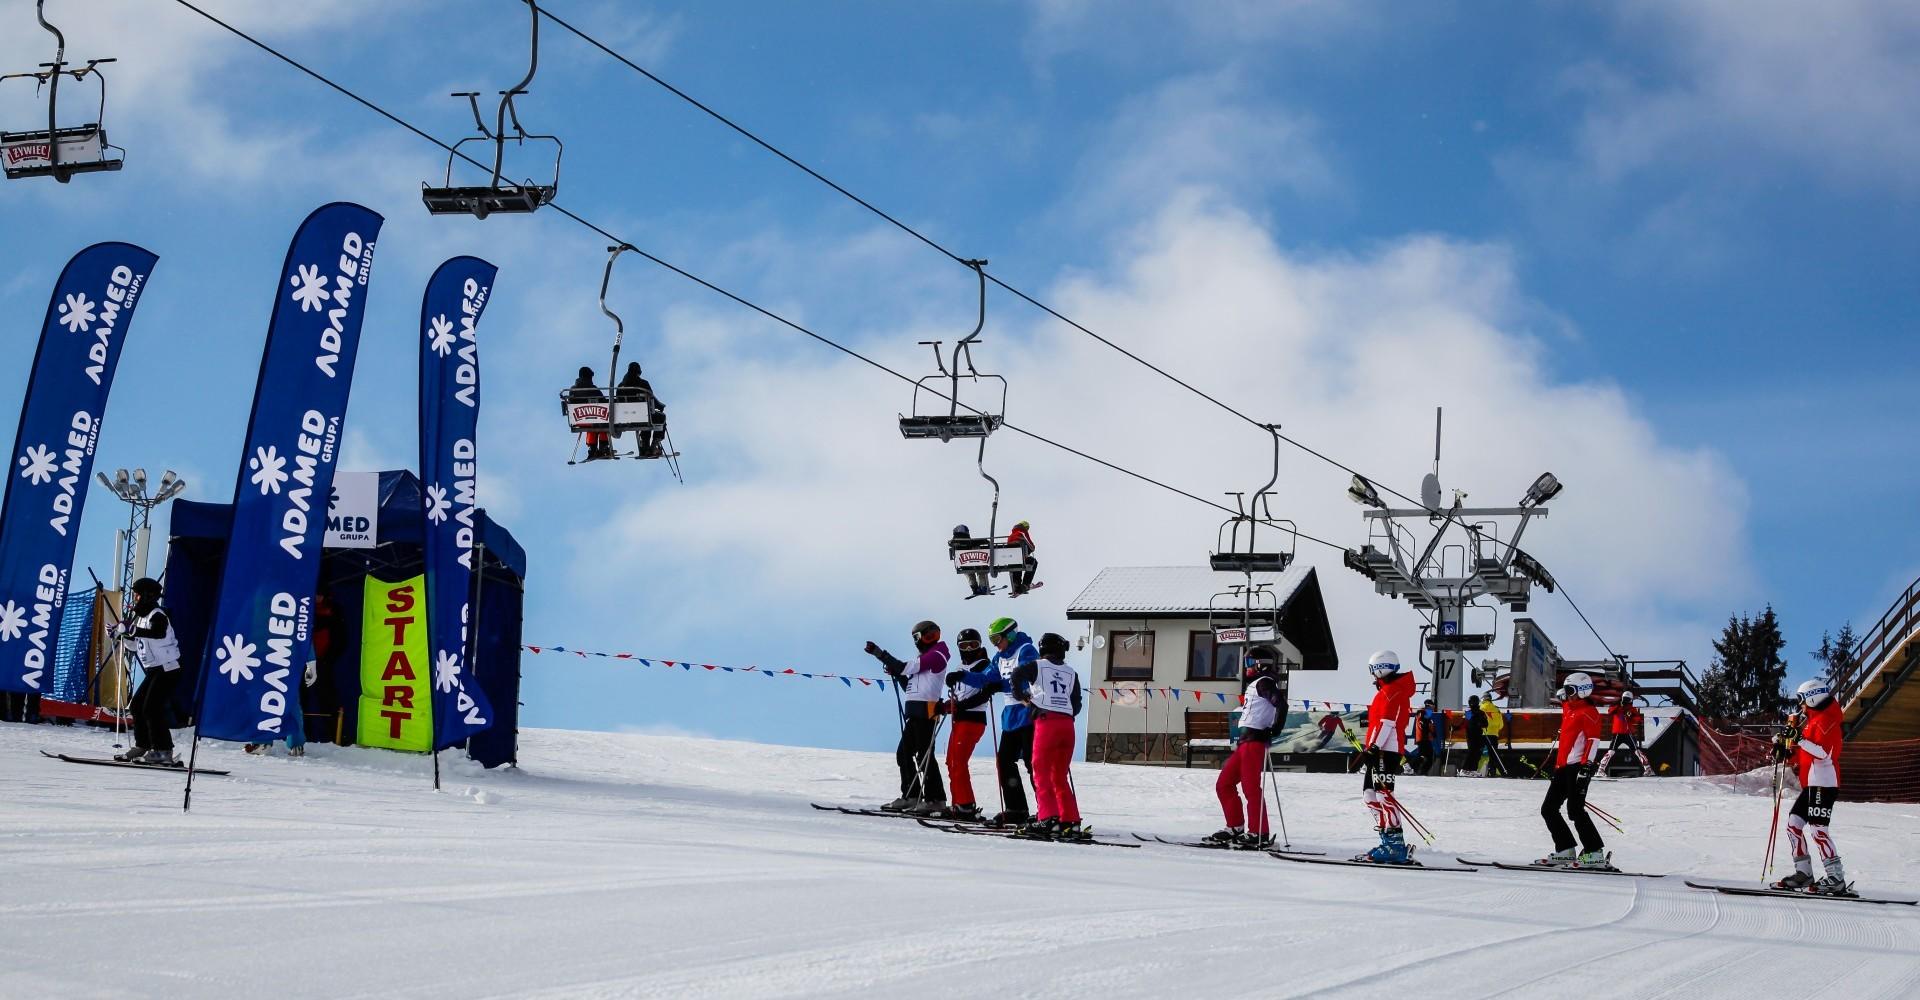 wyciąg narciarski, Adamed